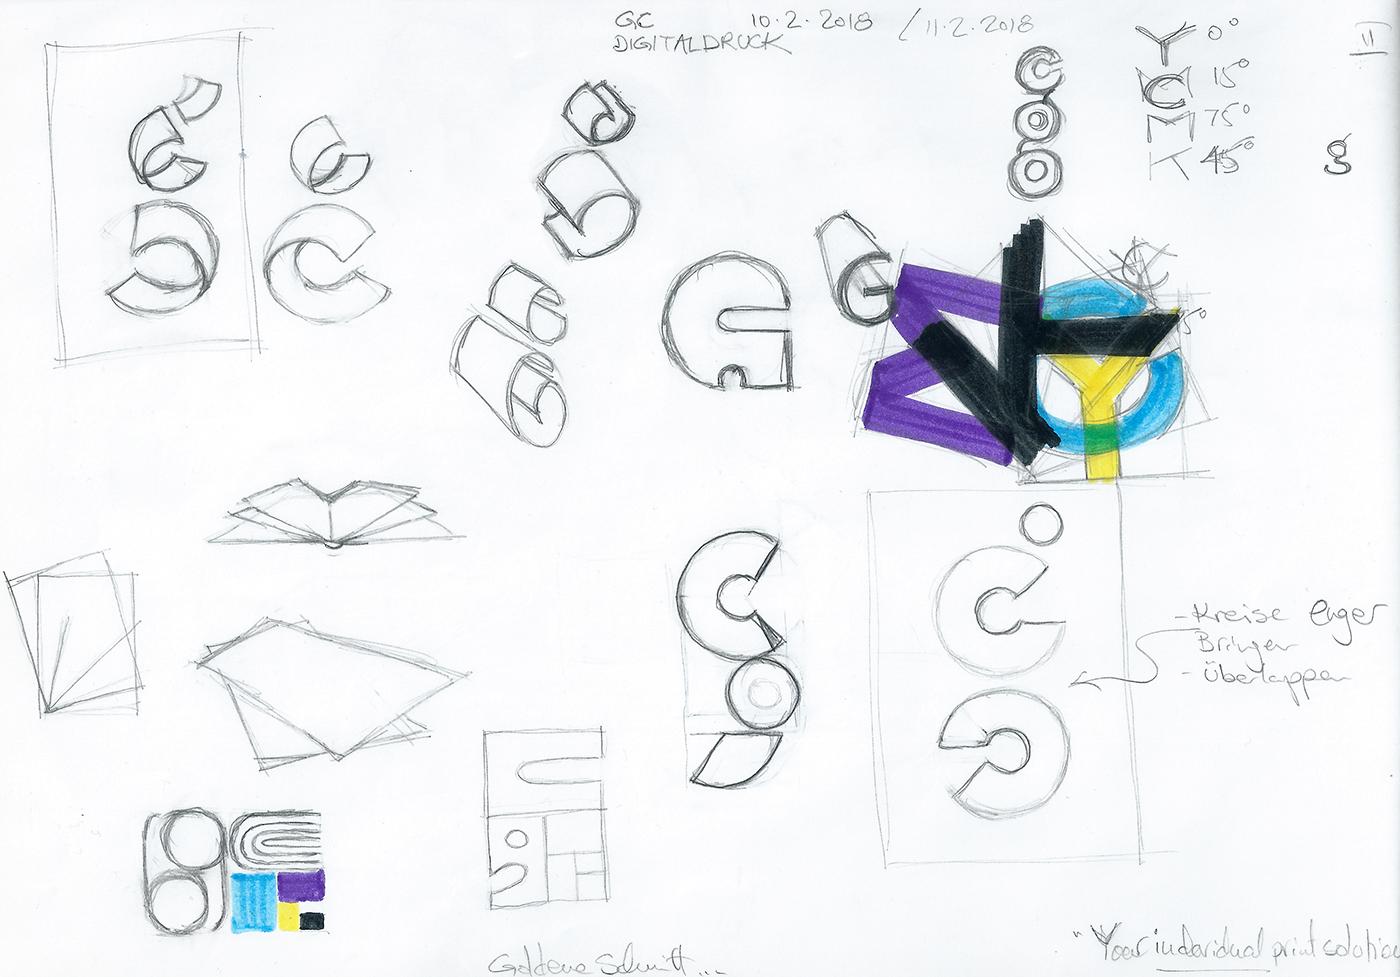 Ran Keren - Logoentwicklung - GC Digitaldruck